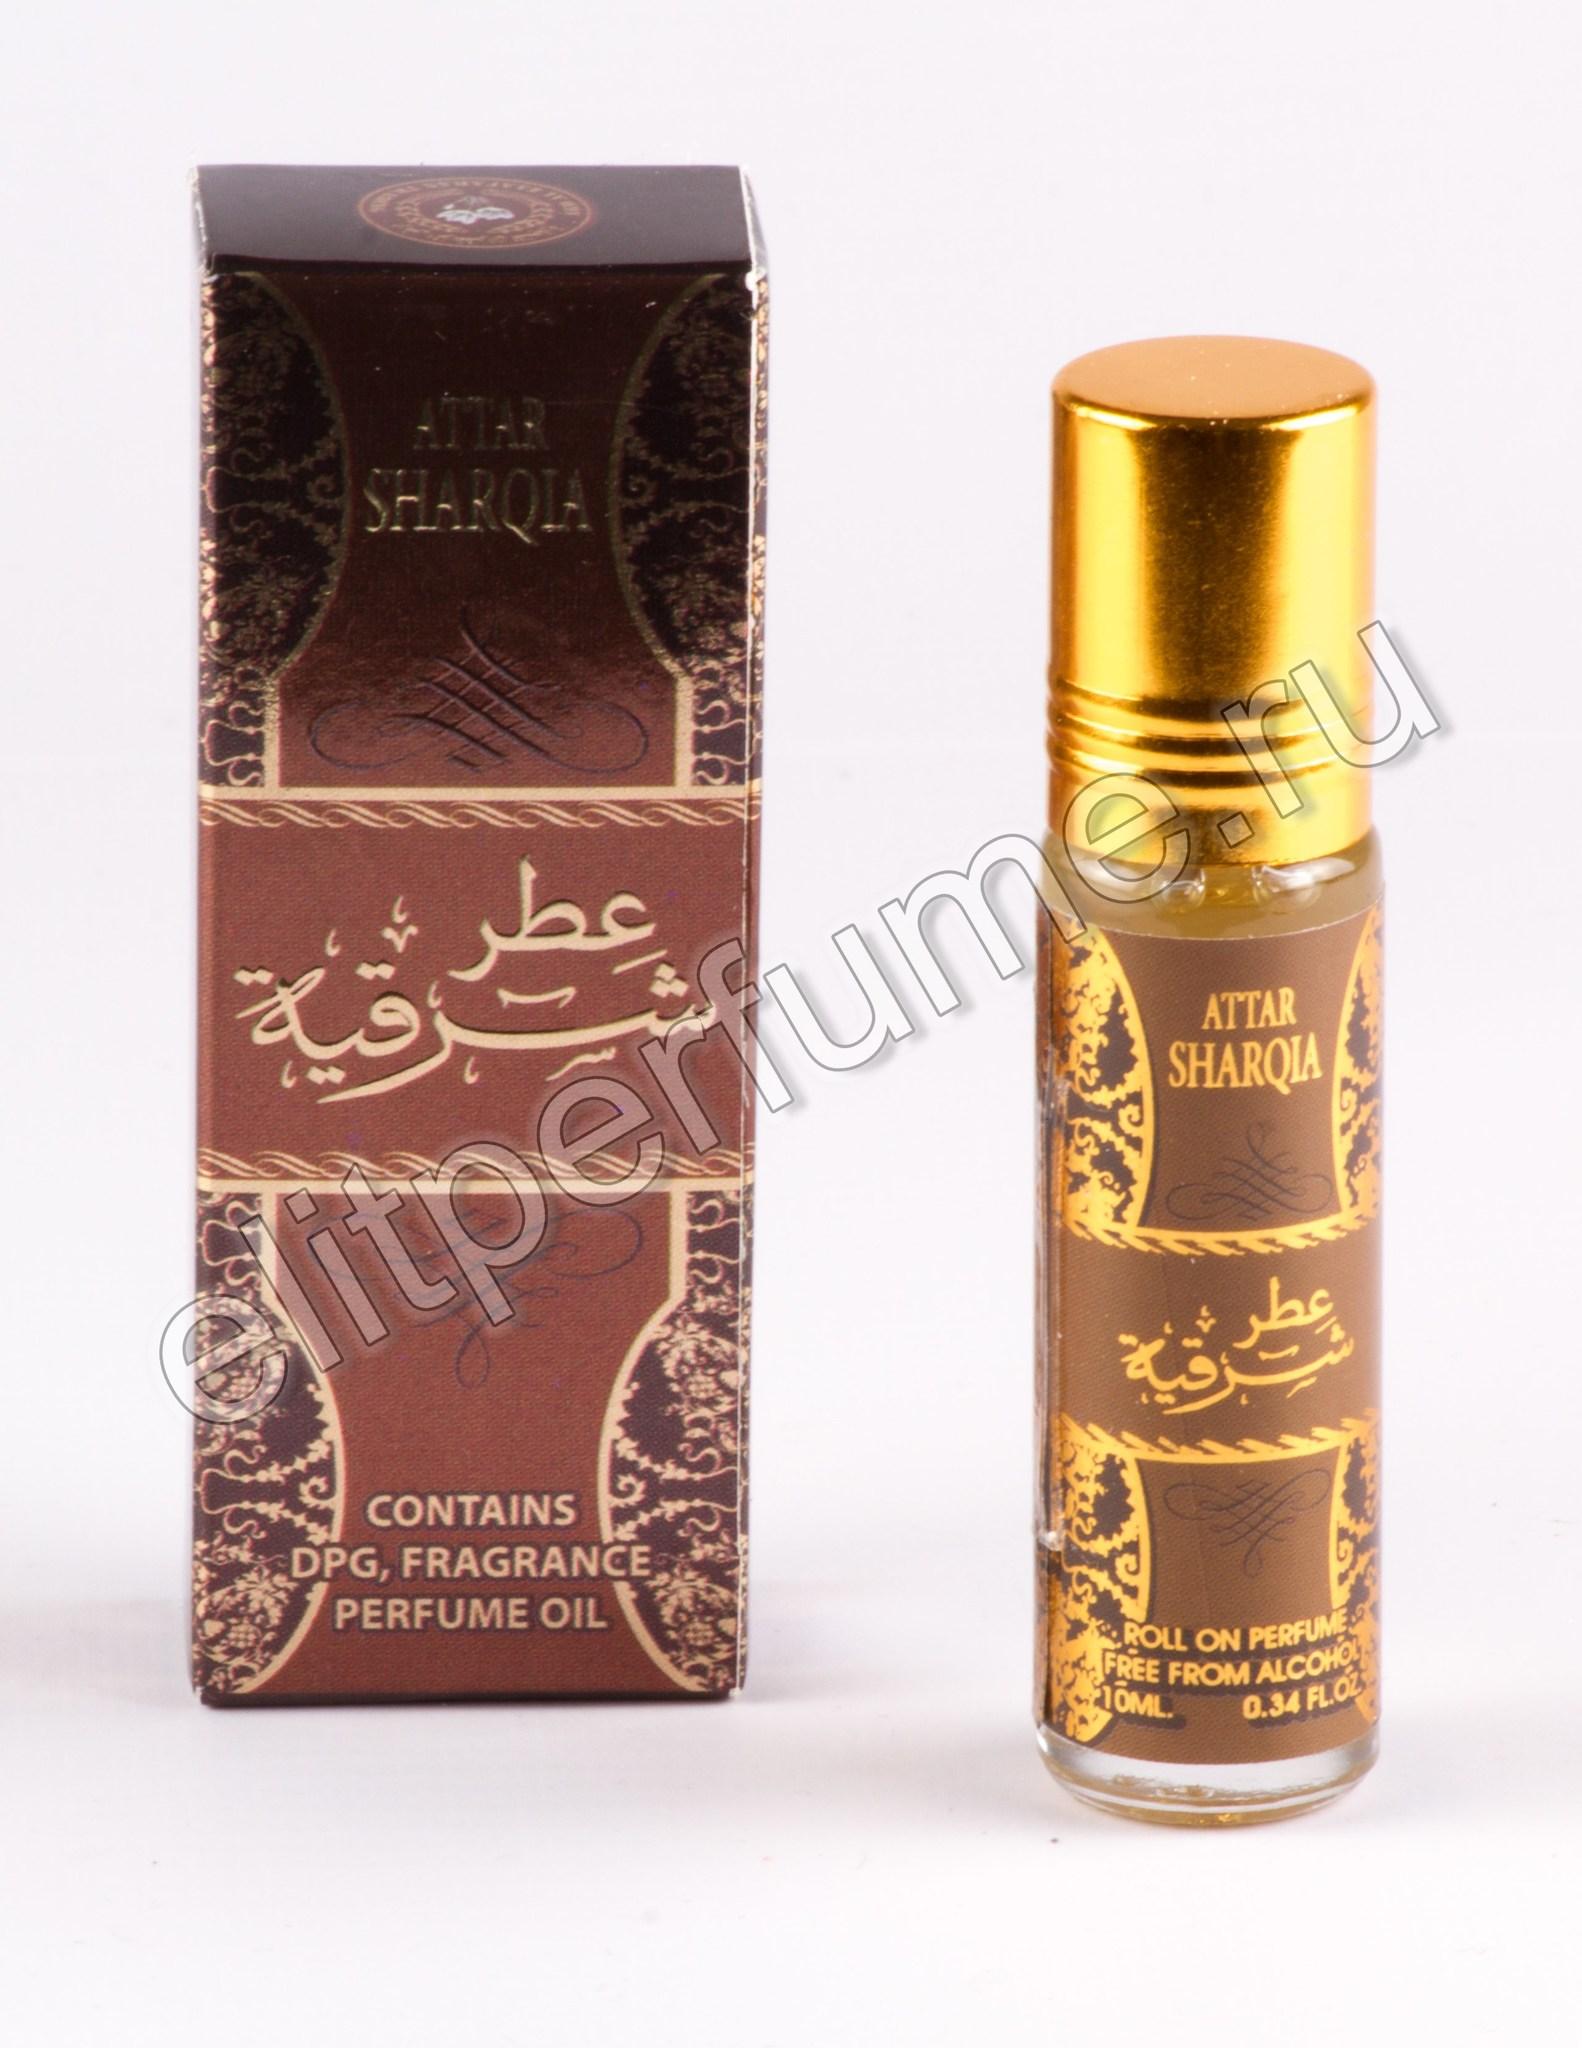 Attar Sharqia Атар Шаркия 10 мл арабские масляные духи от Ард Аль Заафаран Ard Al Zaafaran